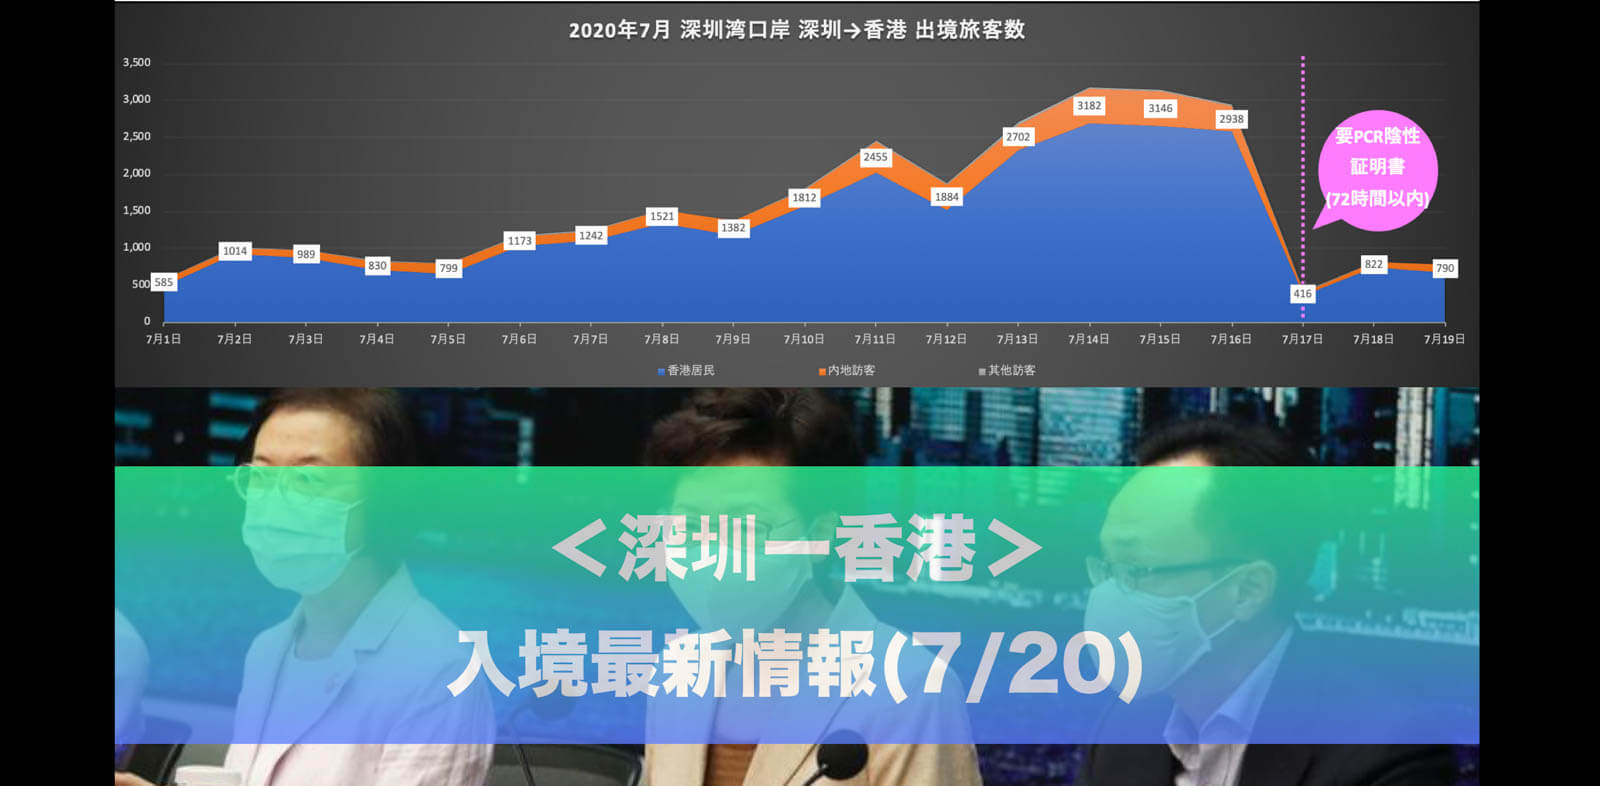 香港市内の感染者増加に伴う規制強化と「深センー香港」入境最新情報(7/20)